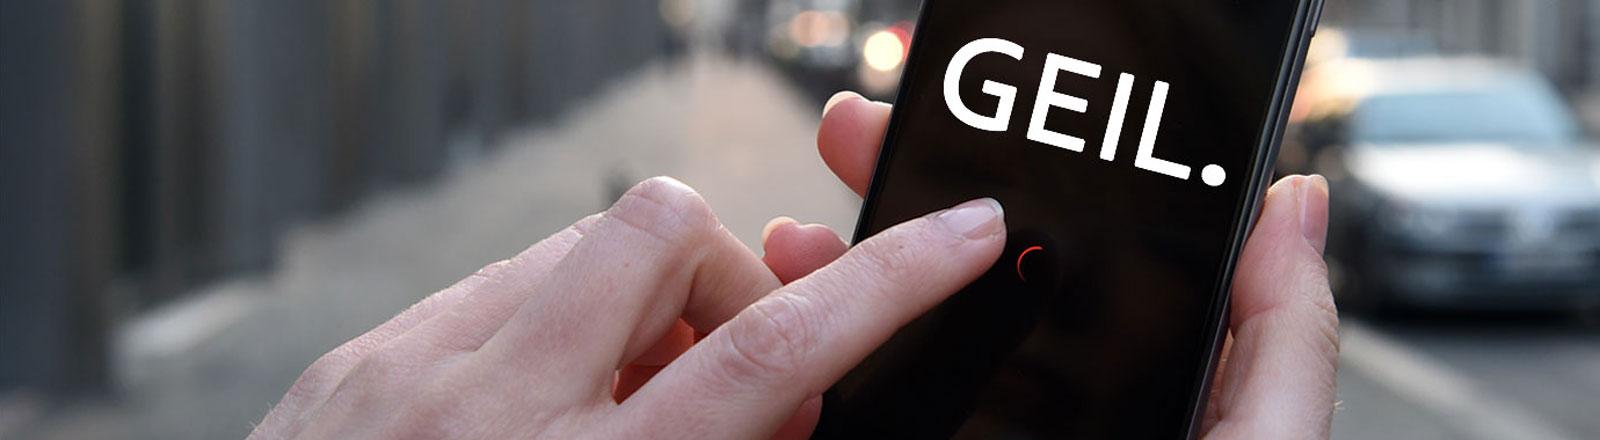 Handy mit Aufschrift GEIL